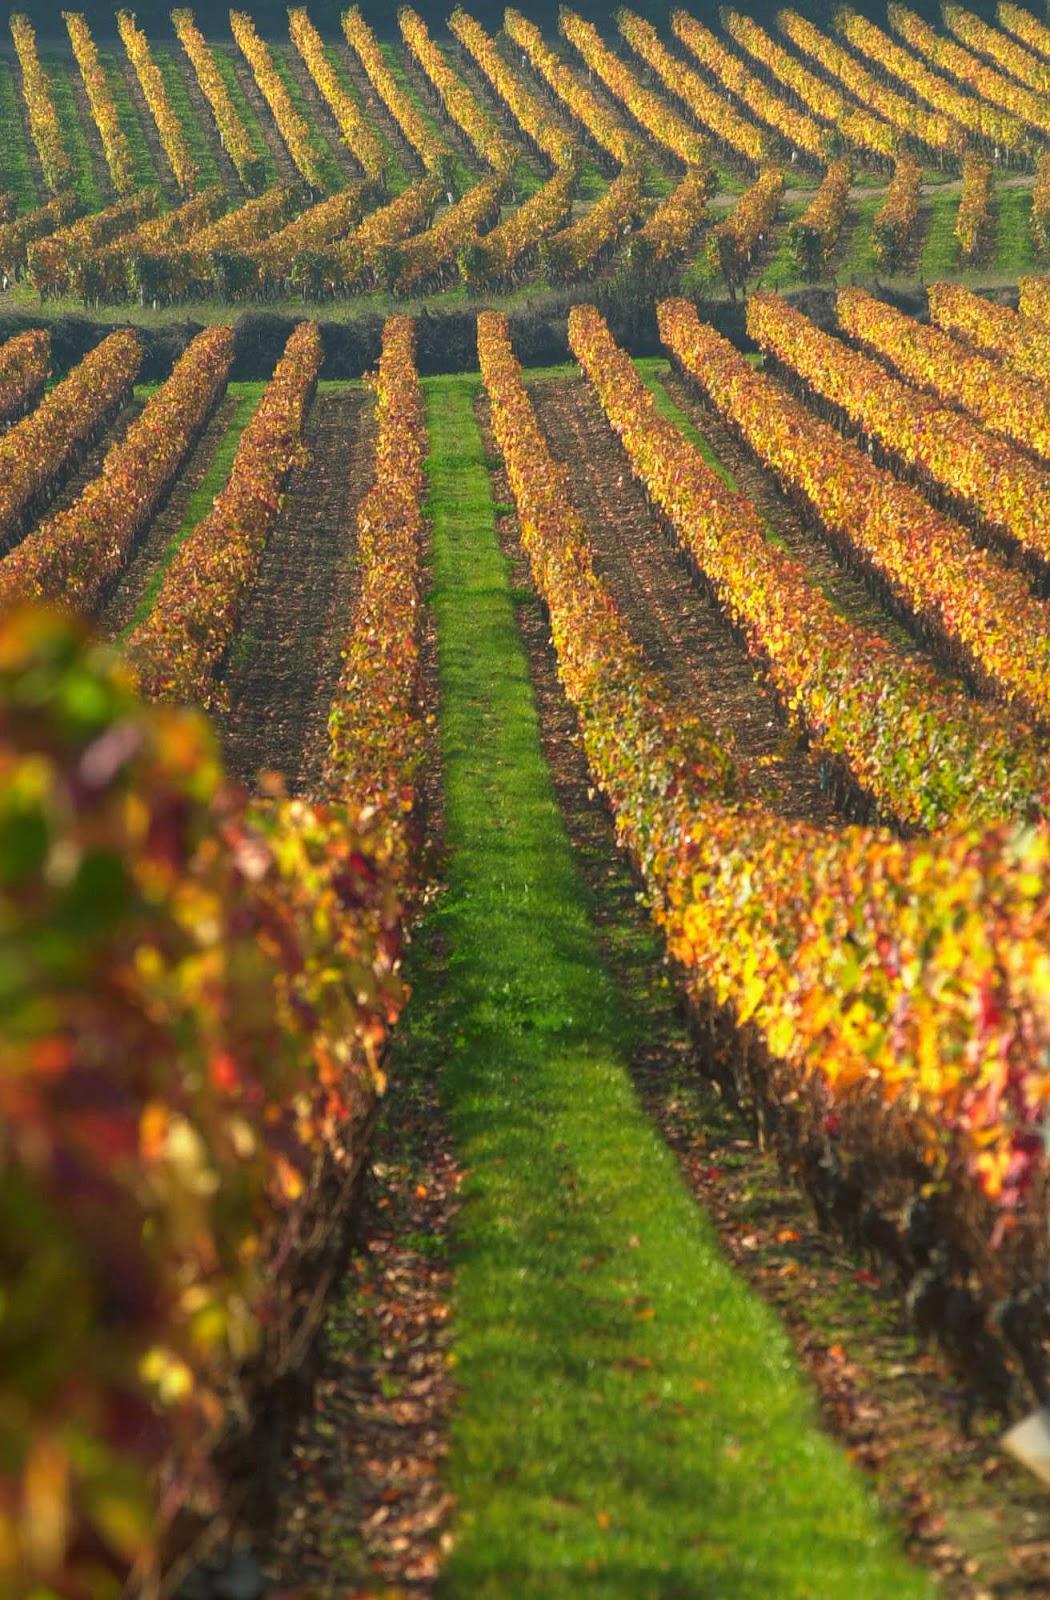 Confr rie du vin de cahors juin 2015 for Cahors jardin juin 2015